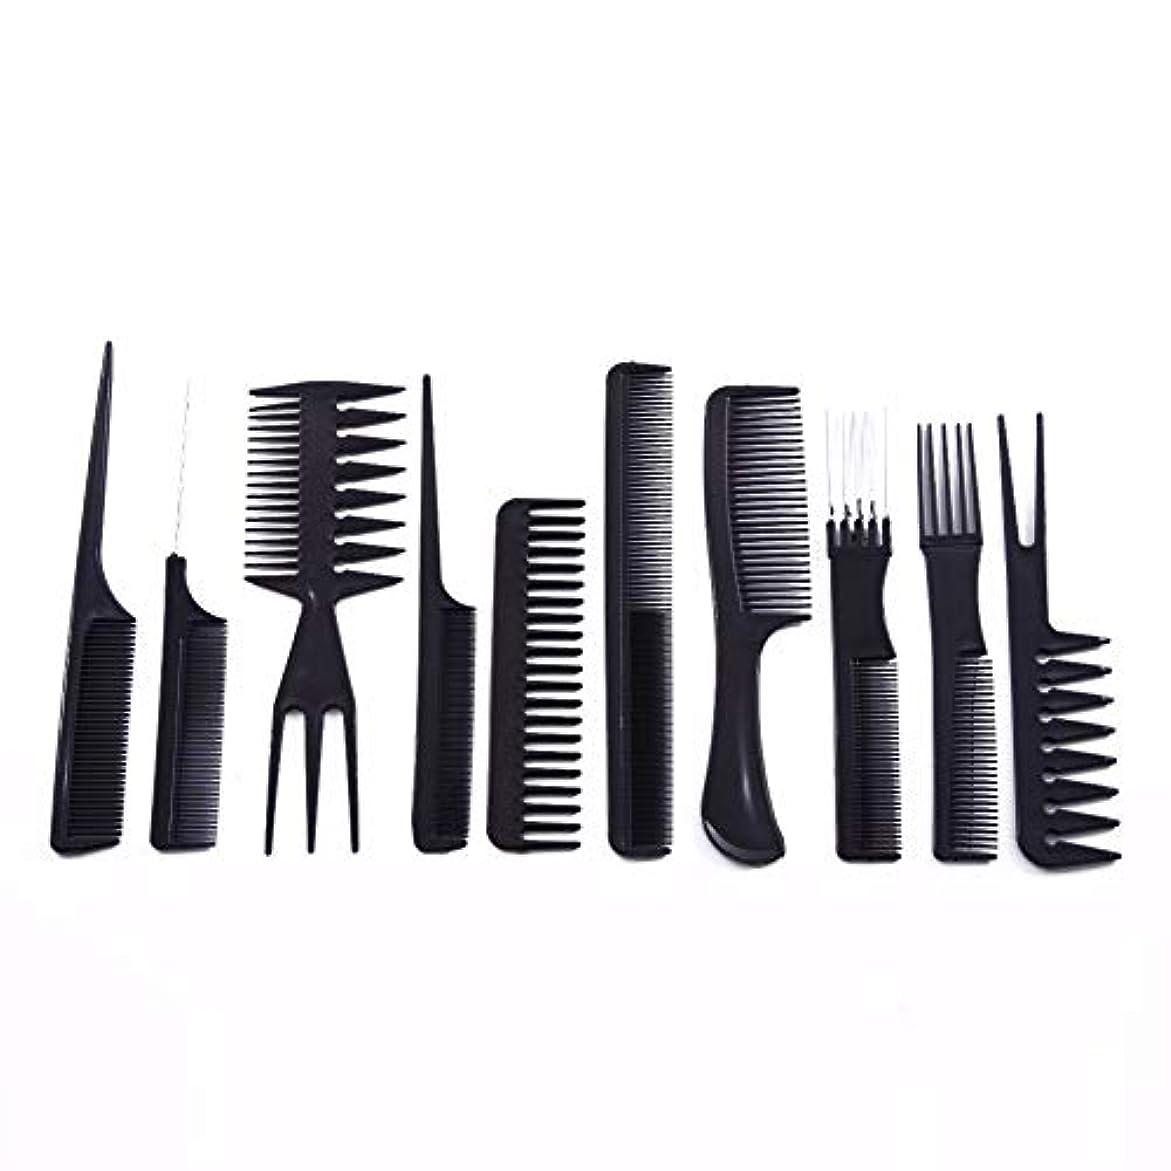 メディア同性愛者尾10ピース/セットプロのヘアブラシ櫛サロン理容帯電防止ヘアコームヘアケアスタイリングツール用すべての髪タイプ